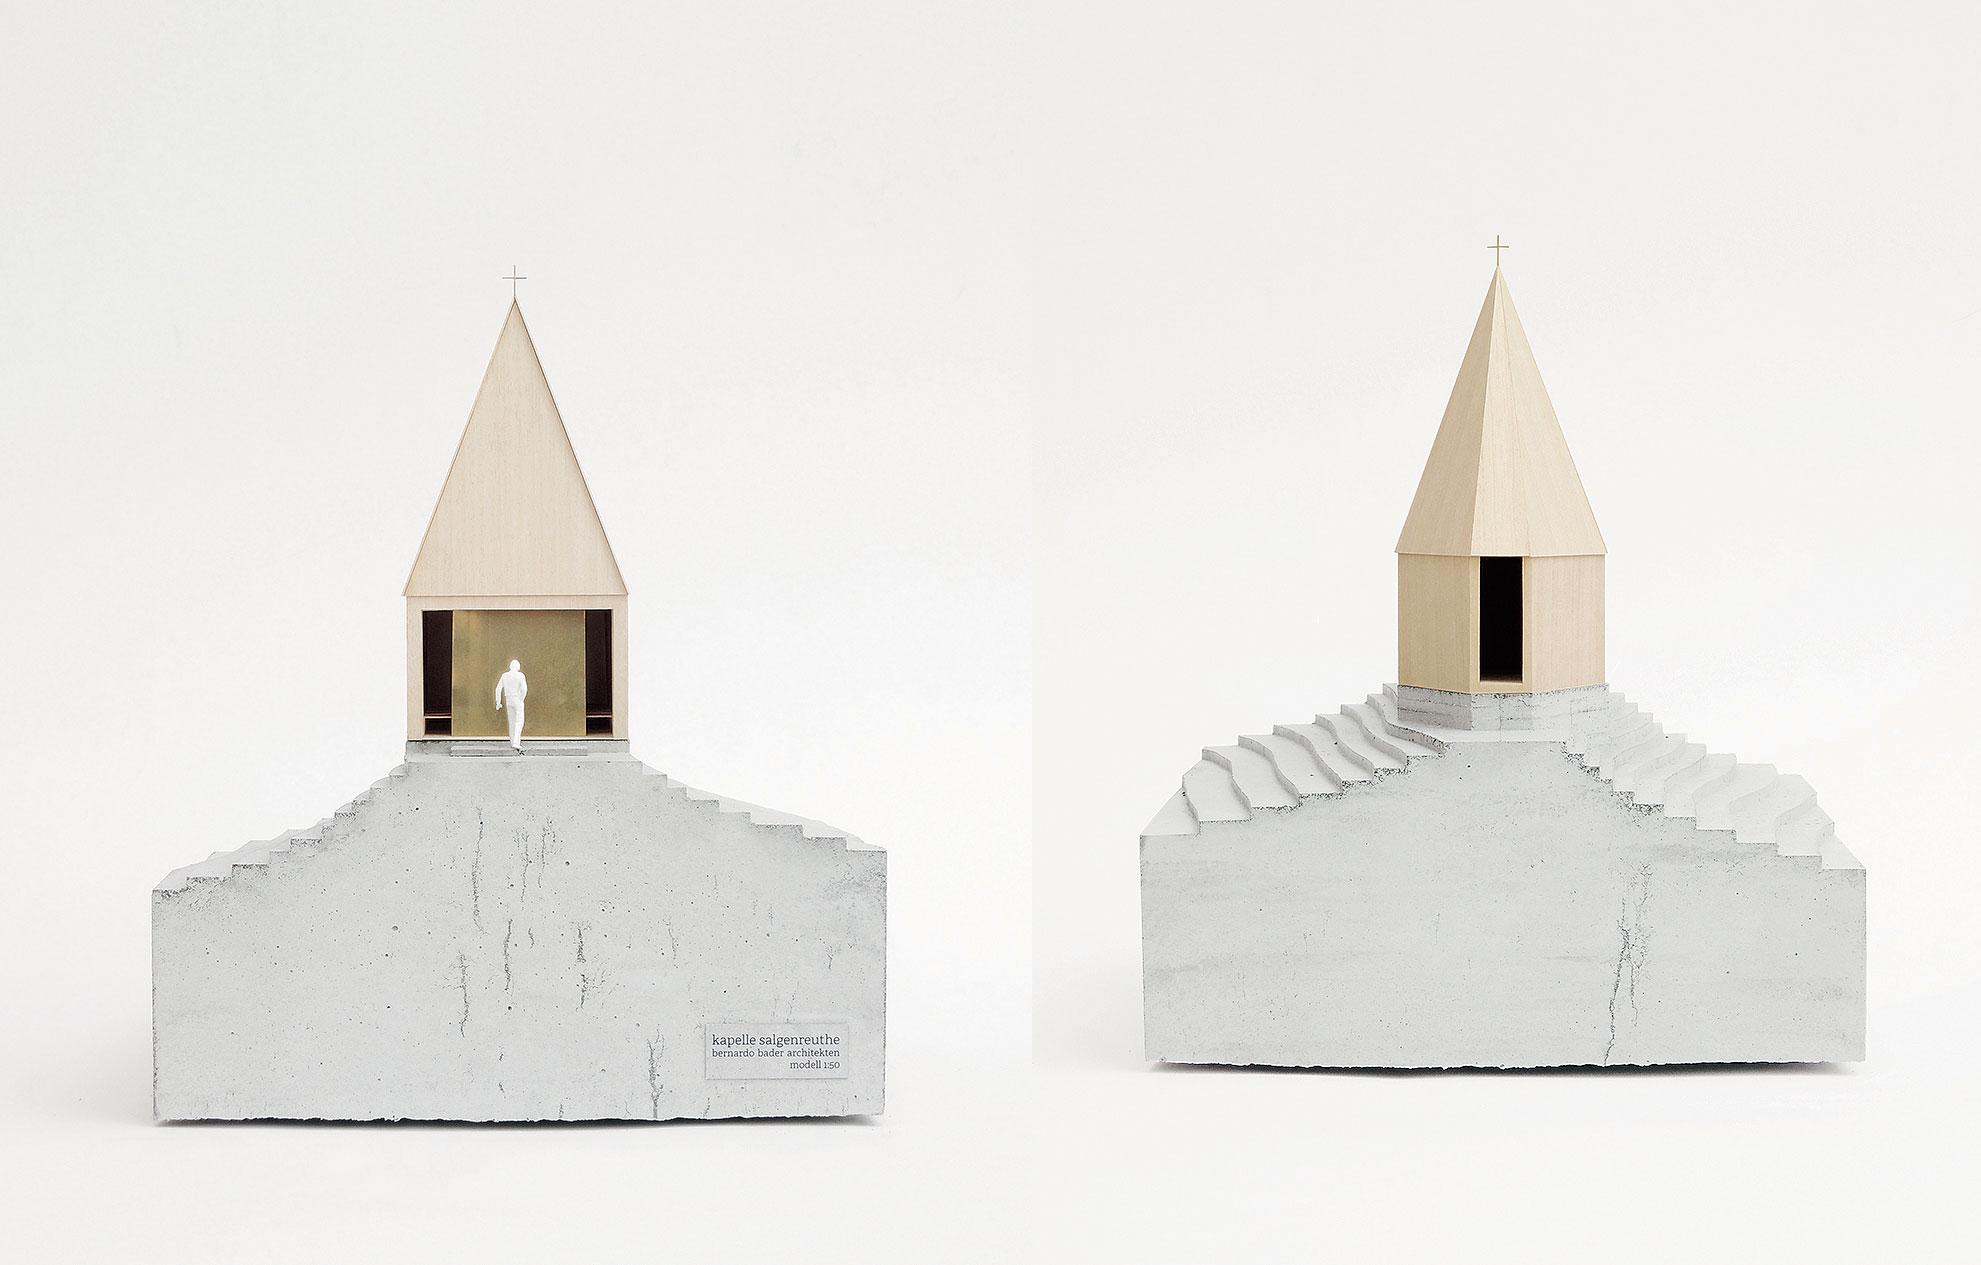 Bader Architekten